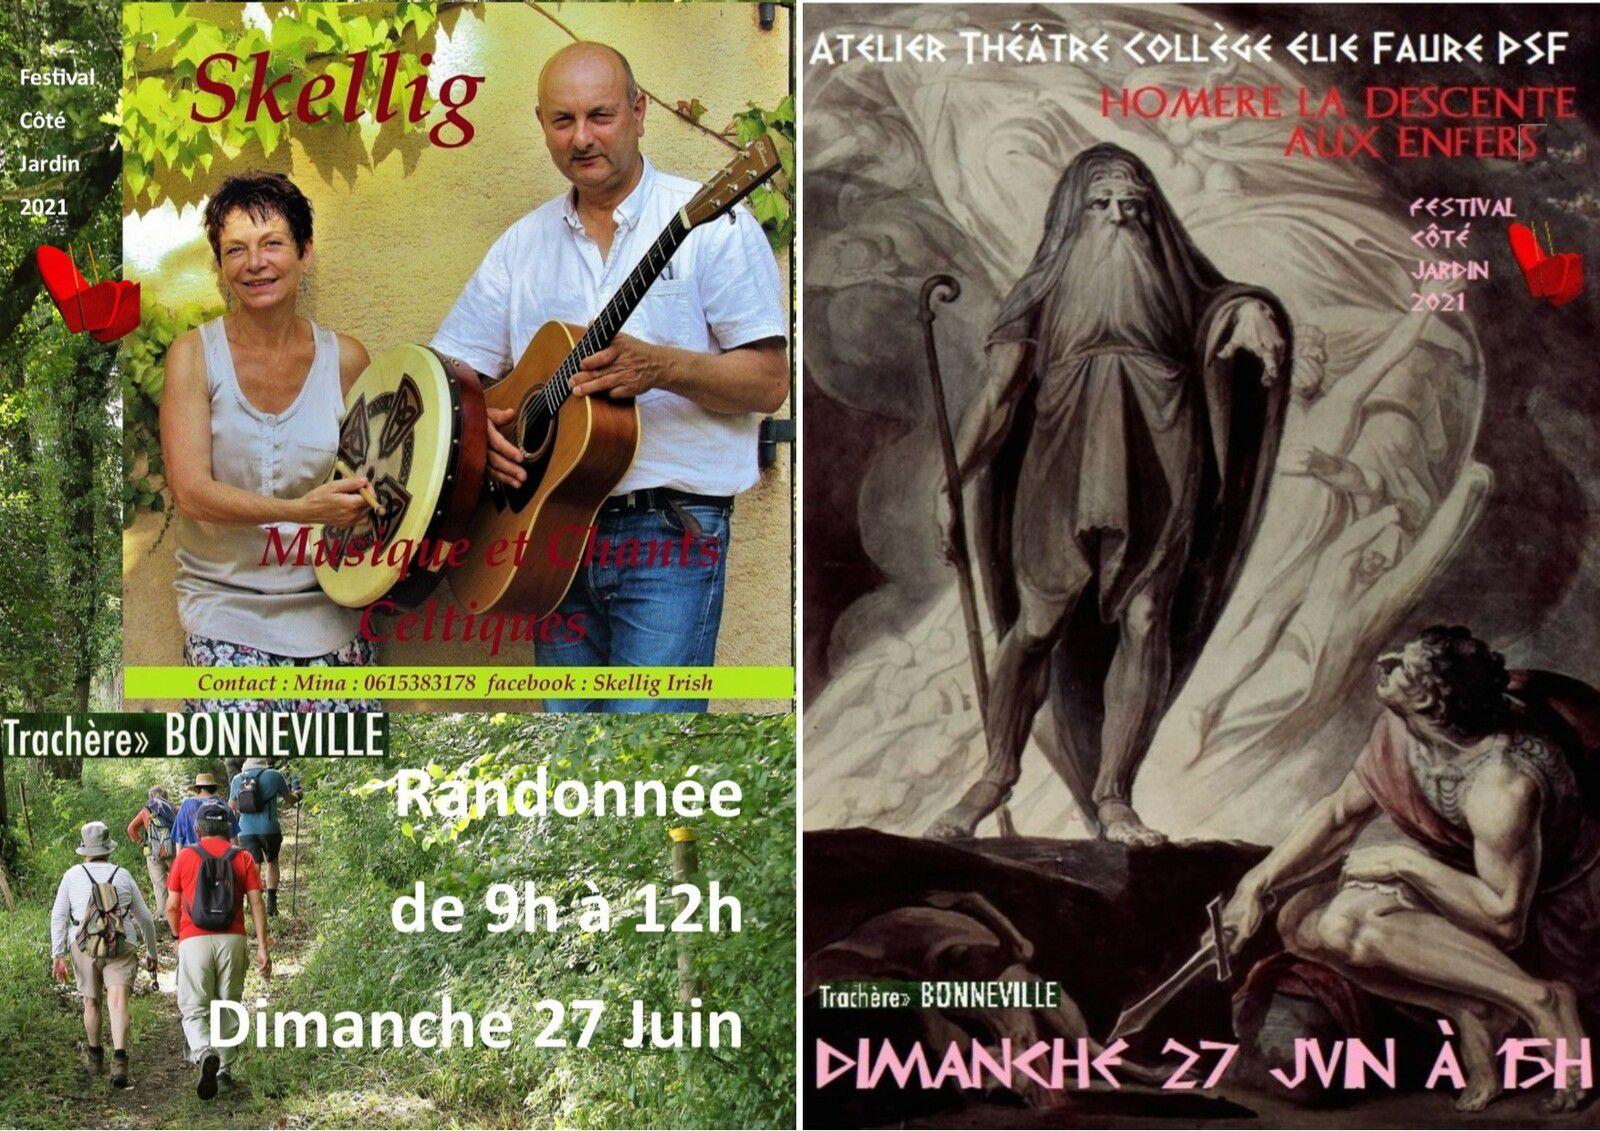 Dimanche 27 Juin suite de la programmation du festival : Randonnée avec Skellig et L'Atelier Théâtre du Collège Elie Faure